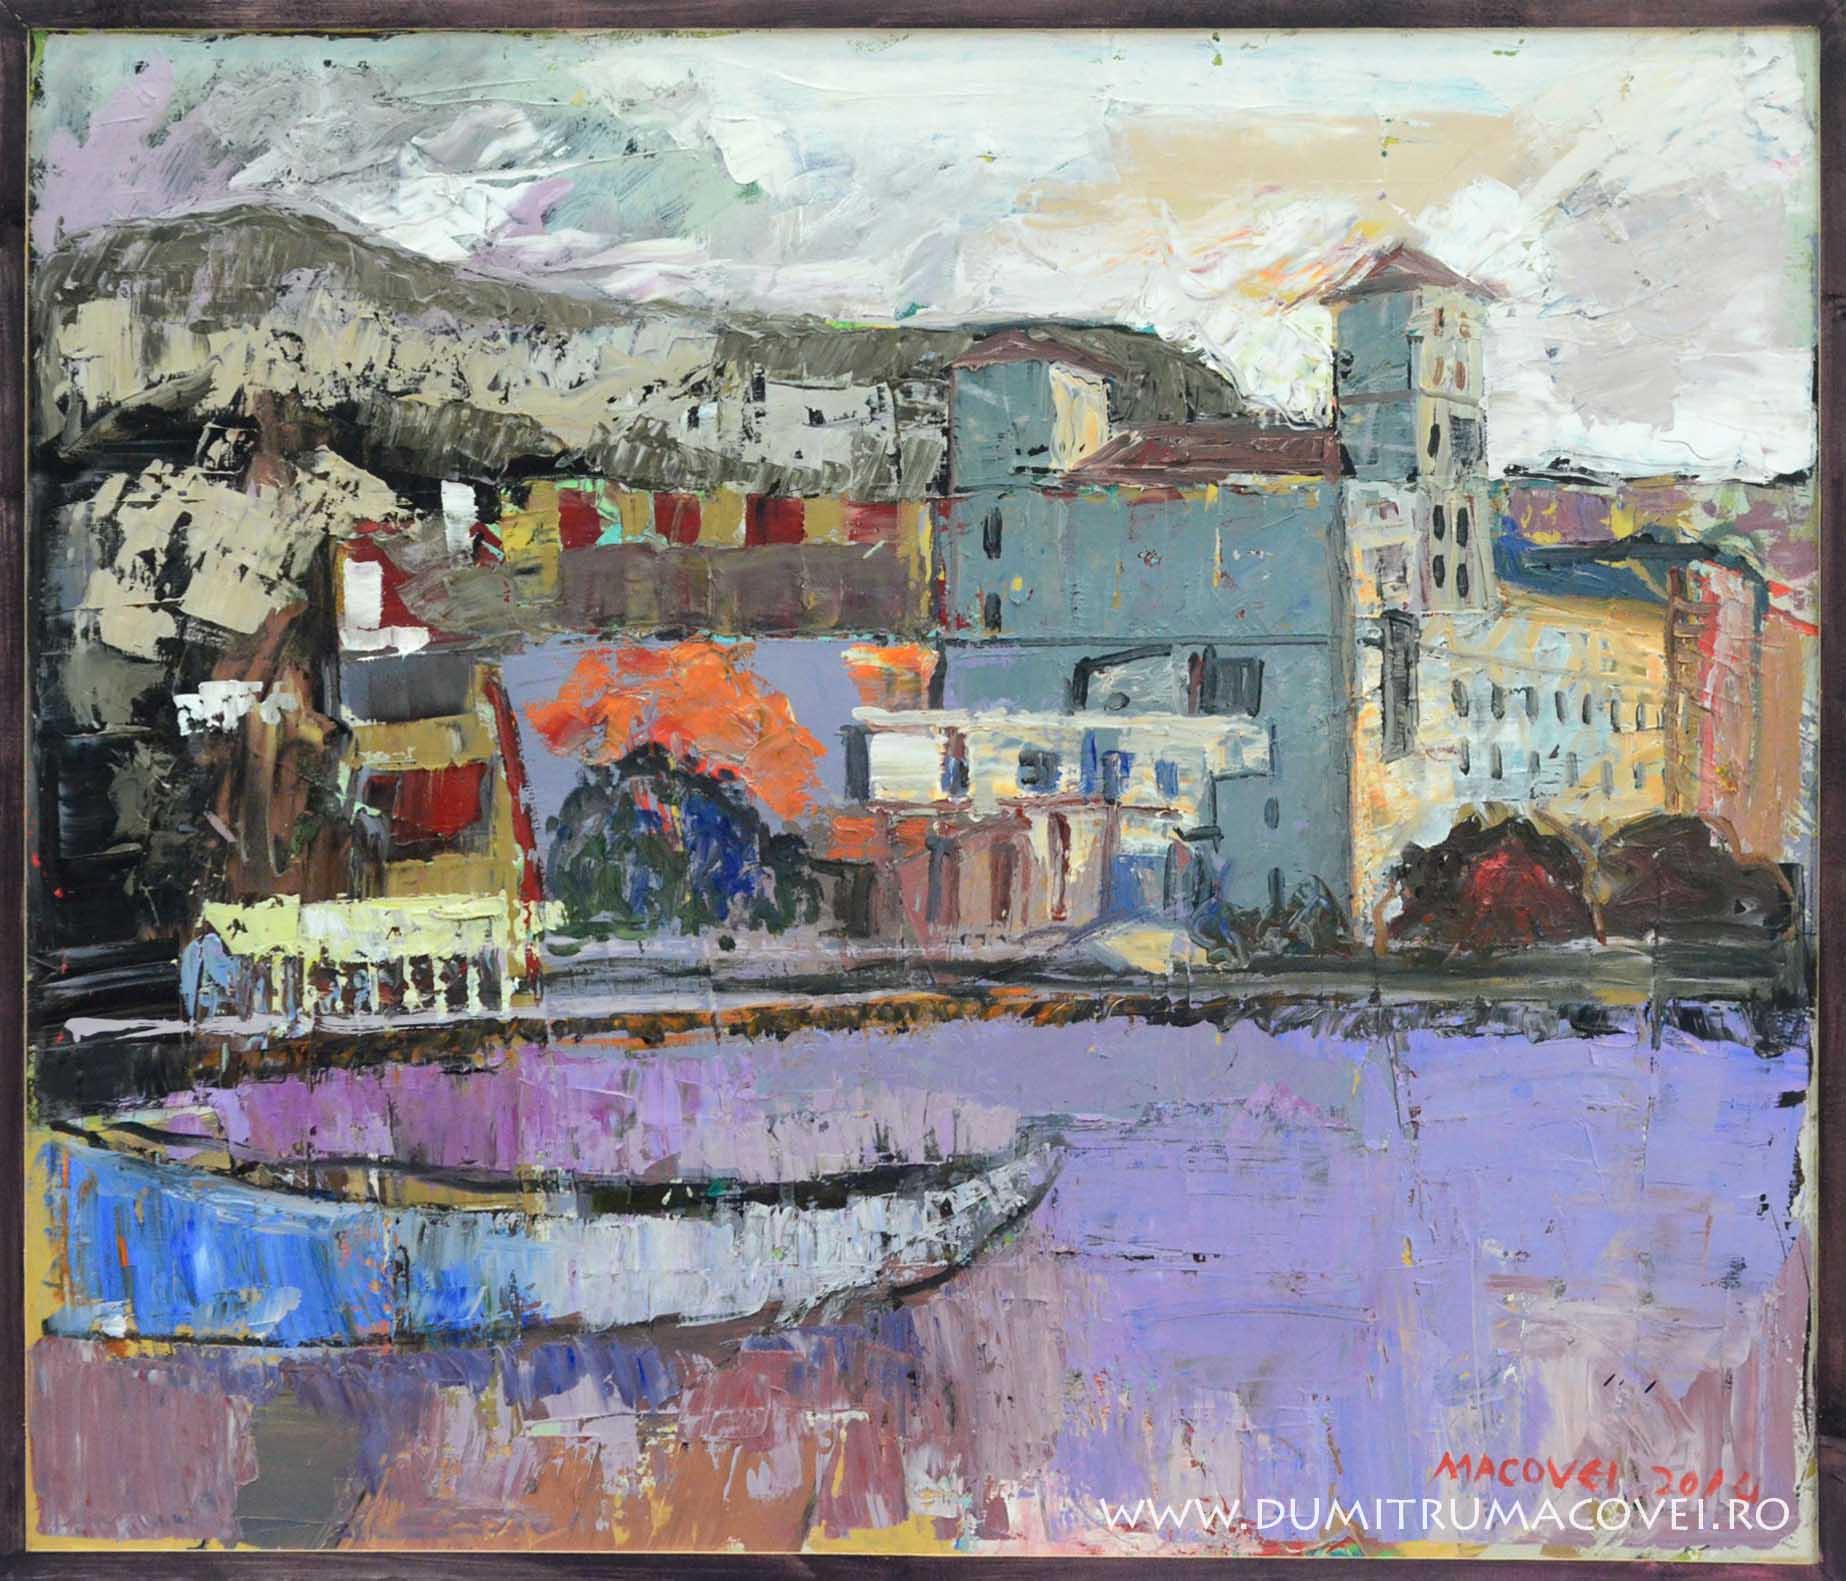 pictor Dumitru Macovei